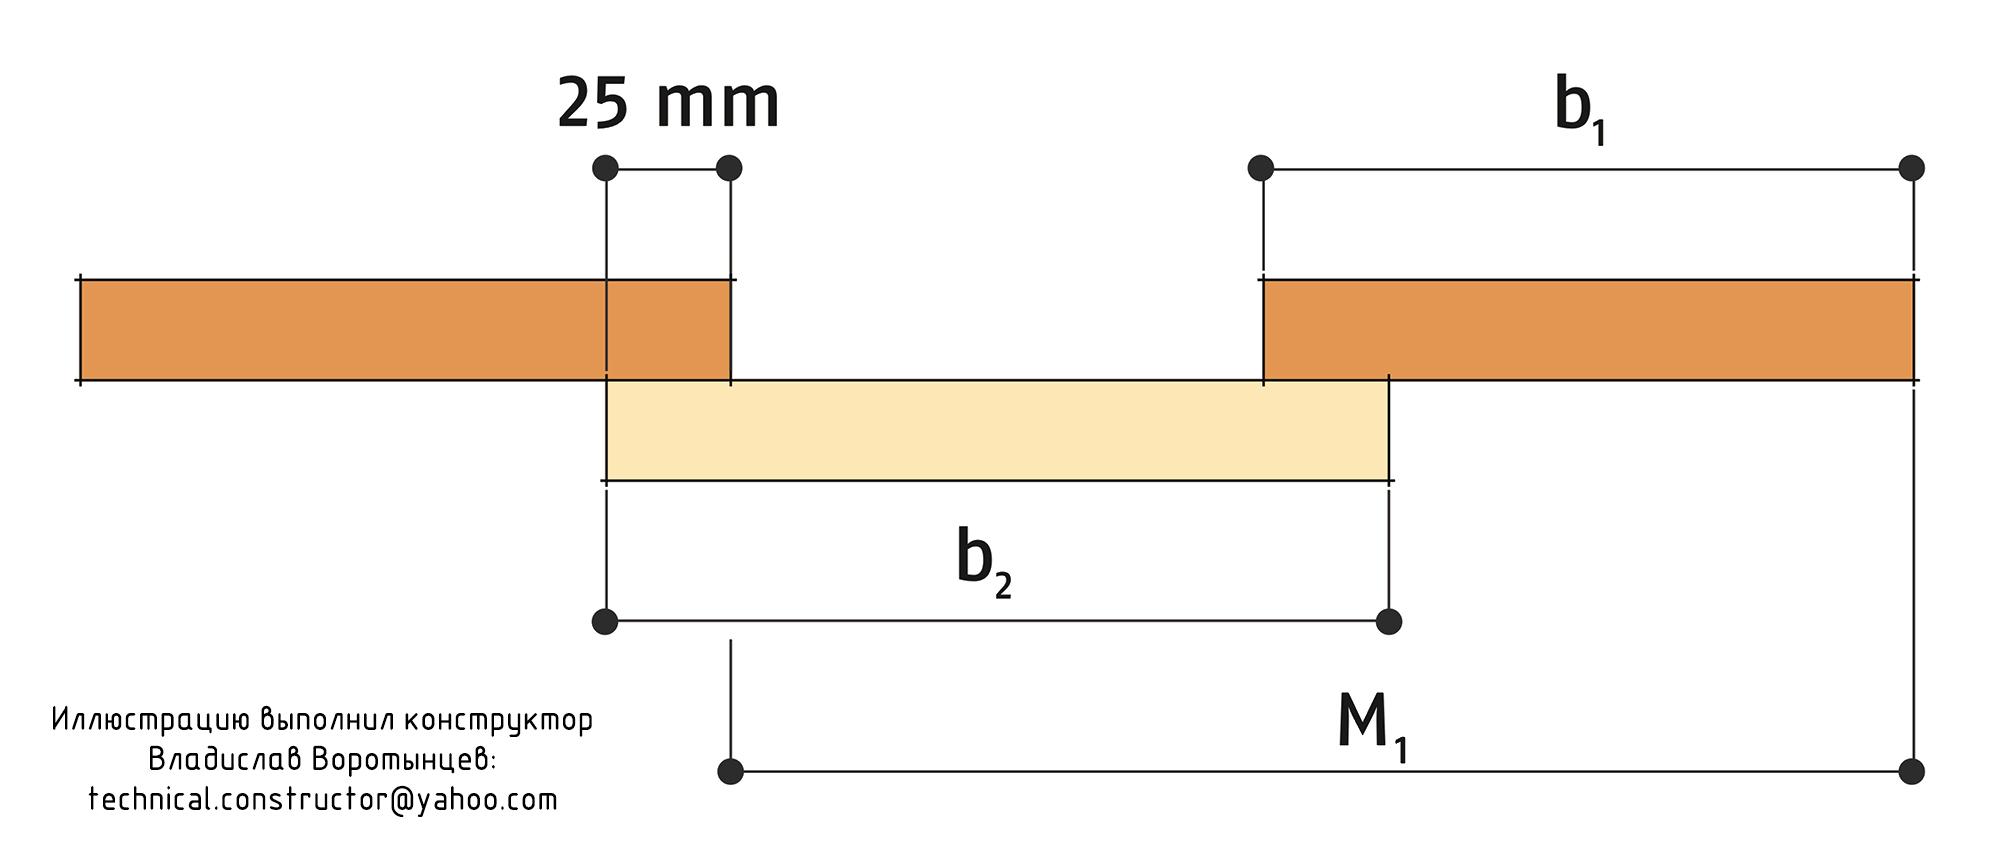 Вычисляем идеальный шаг досок вертикальной наружной обшивки